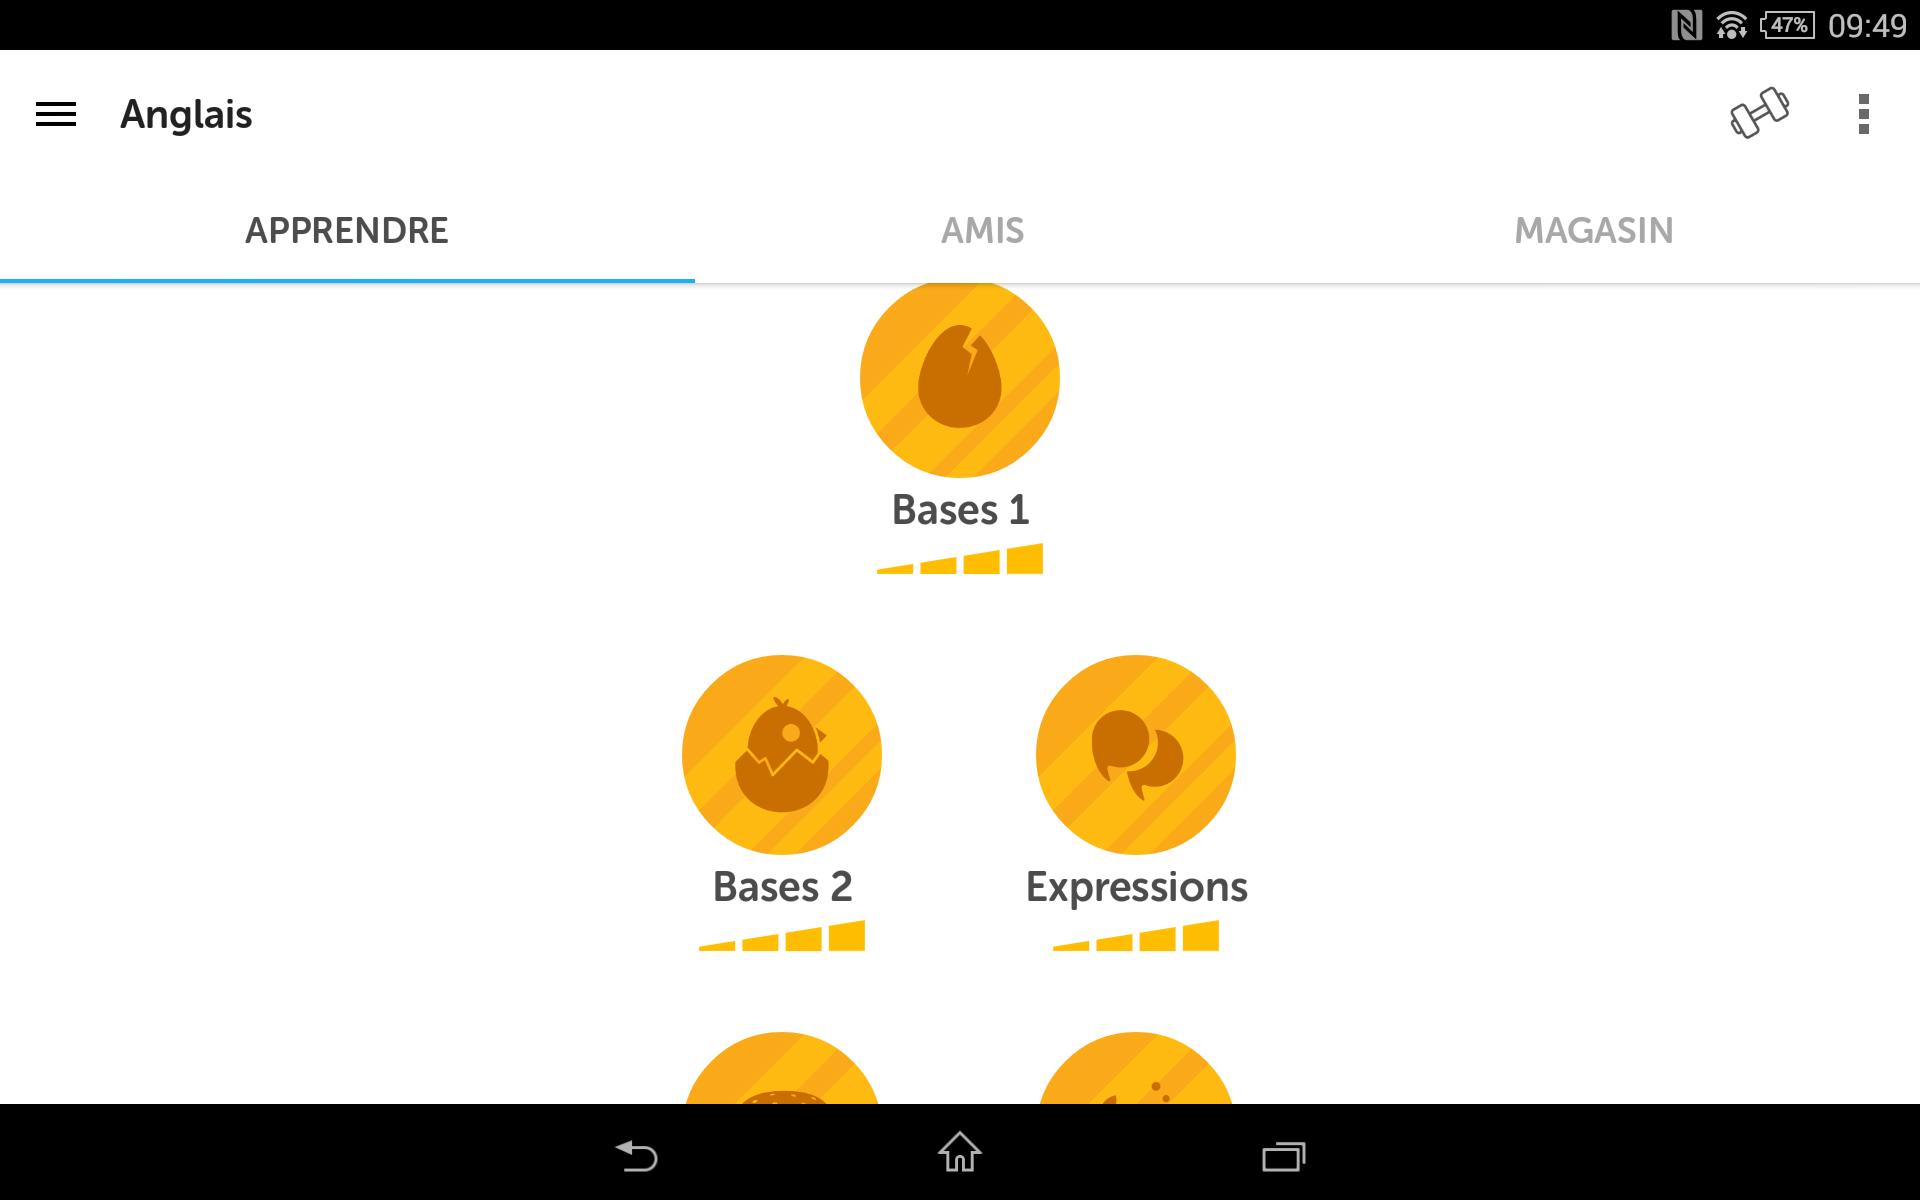 Les meilleures applis gratuites pour apprendre l'anglais